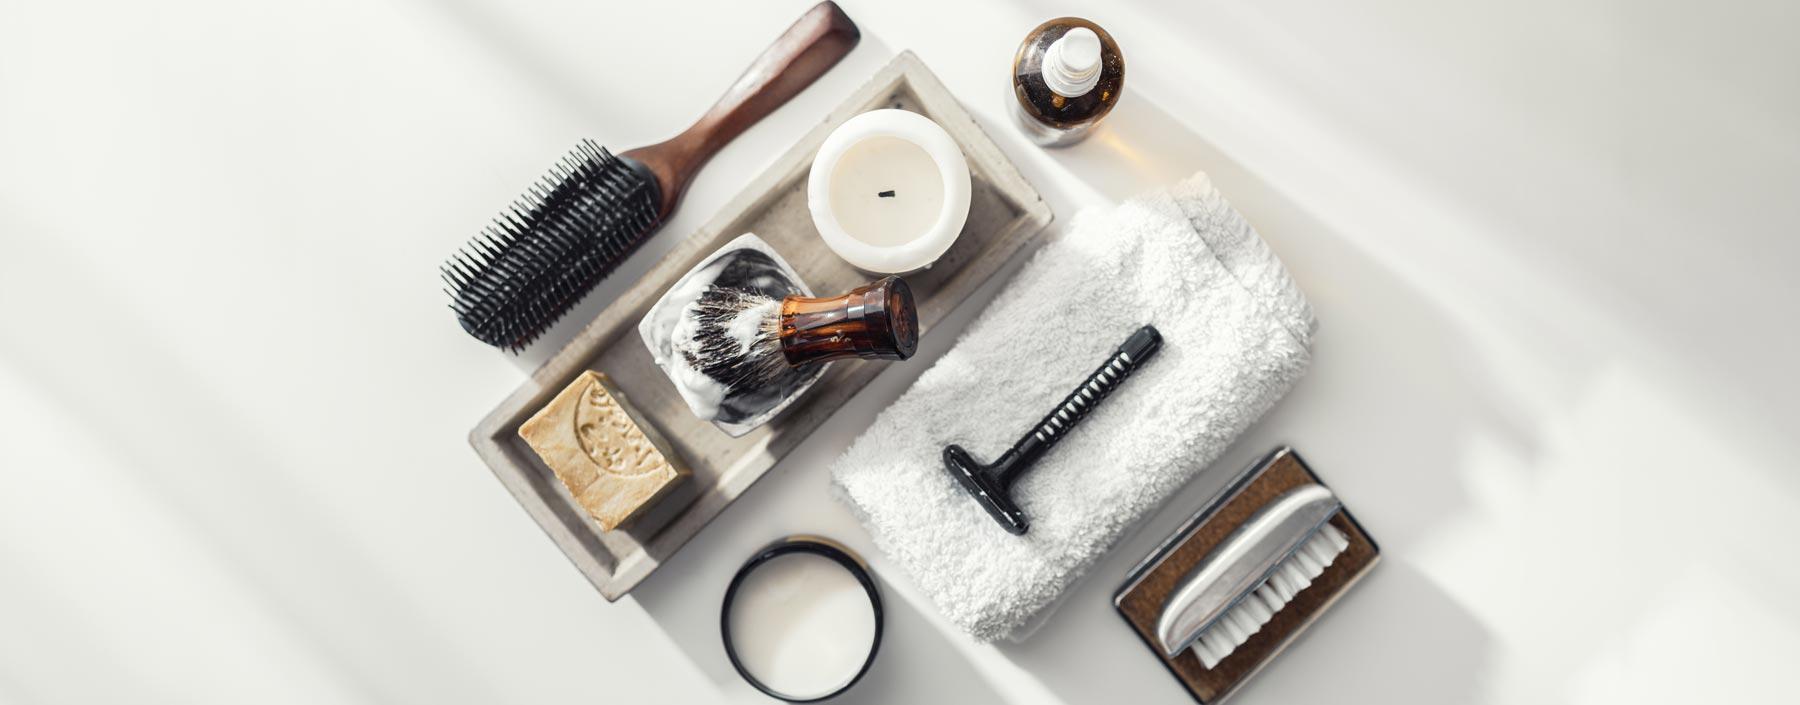 Newcastle's best barbers provide a guide to avoiding shaving rash.